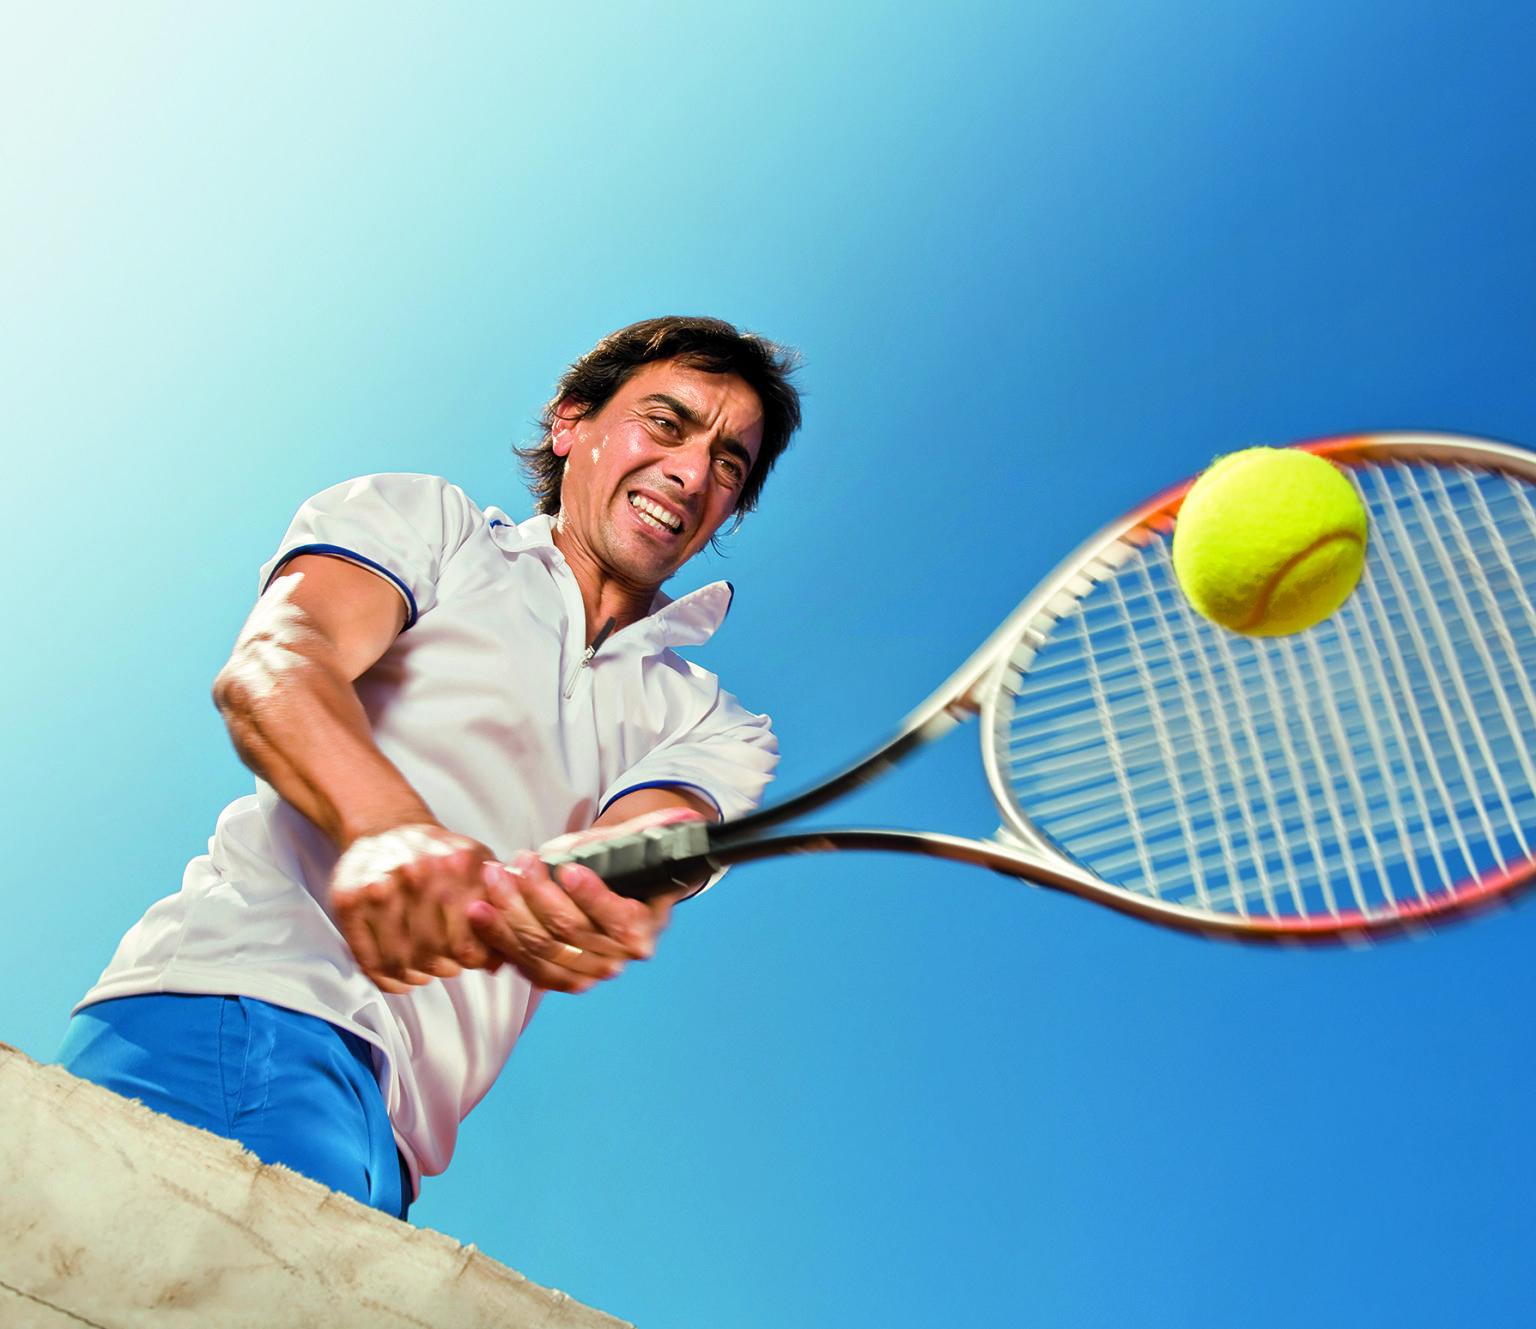 Schutz durch zwei Hände: Wer seine Rückhand beidhändig schlägt, senkt das Risiko, einen Tennisarm zu bekommen.